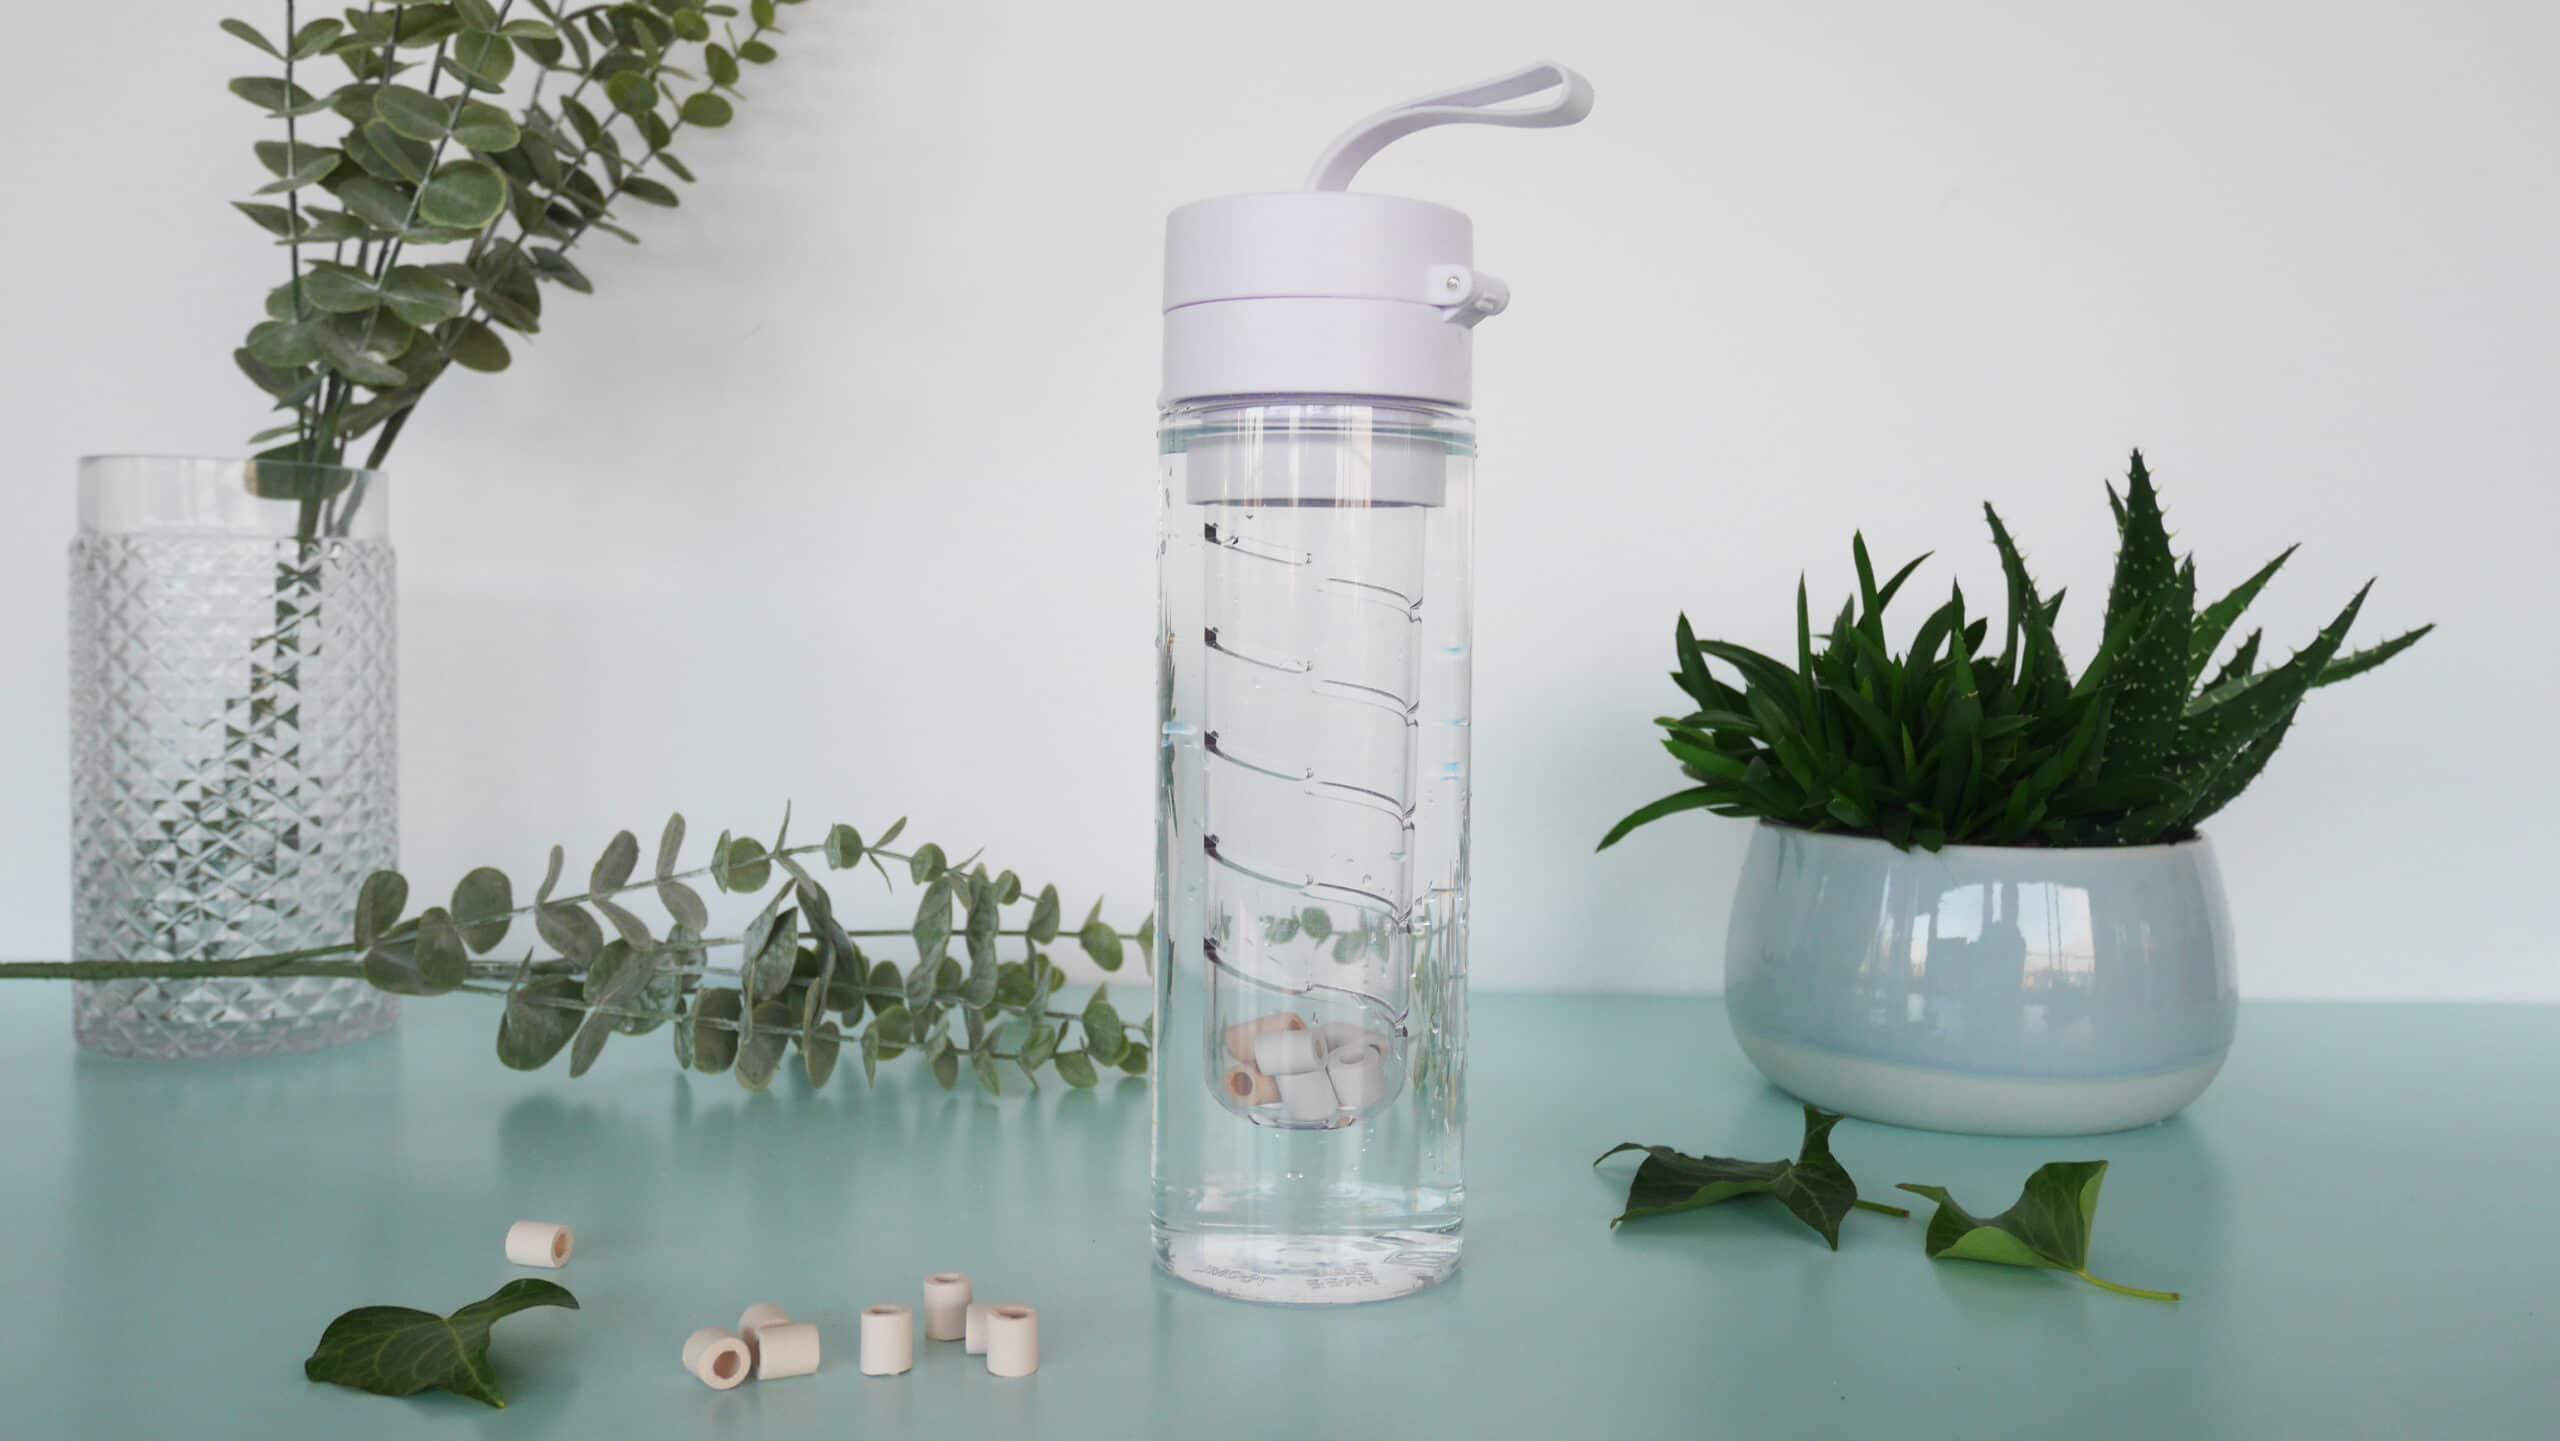 Les perles pour purifier l'eau du robinet